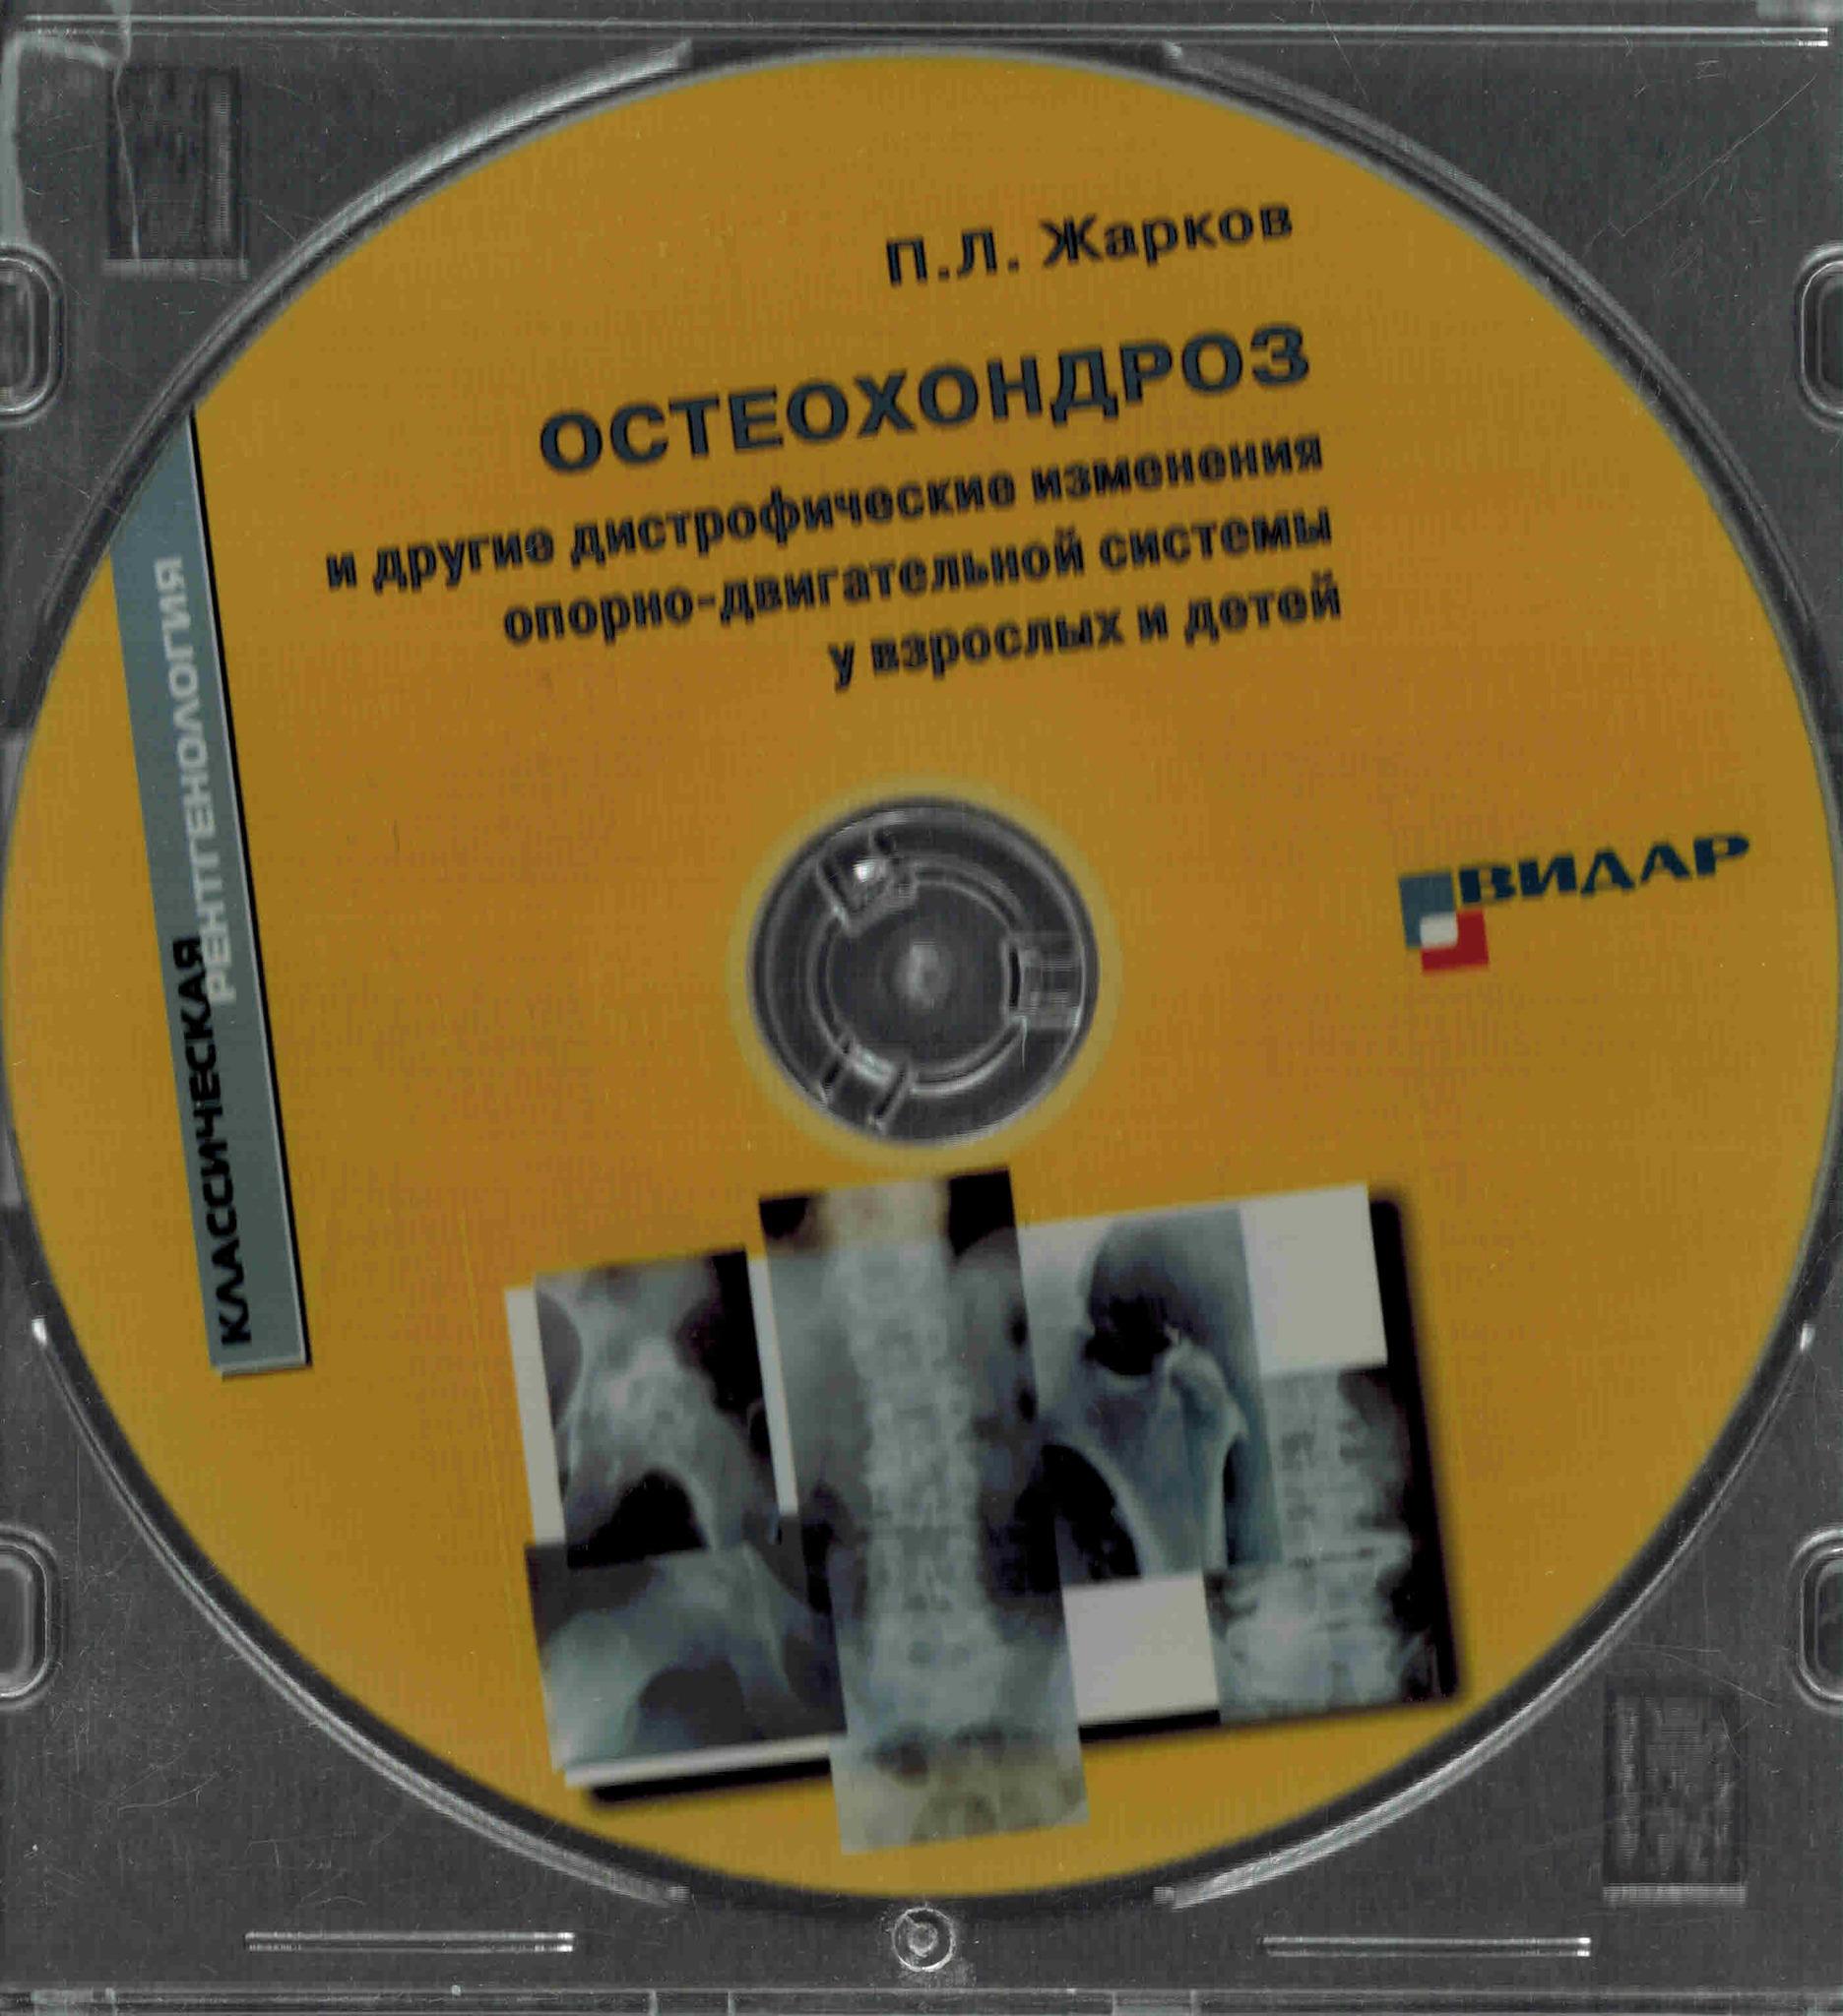 Новинки CD Остеохондроз и другие дистрофические изменения опорно-двигательной системы у взрослых и детей osteohonroz_cd.jpg